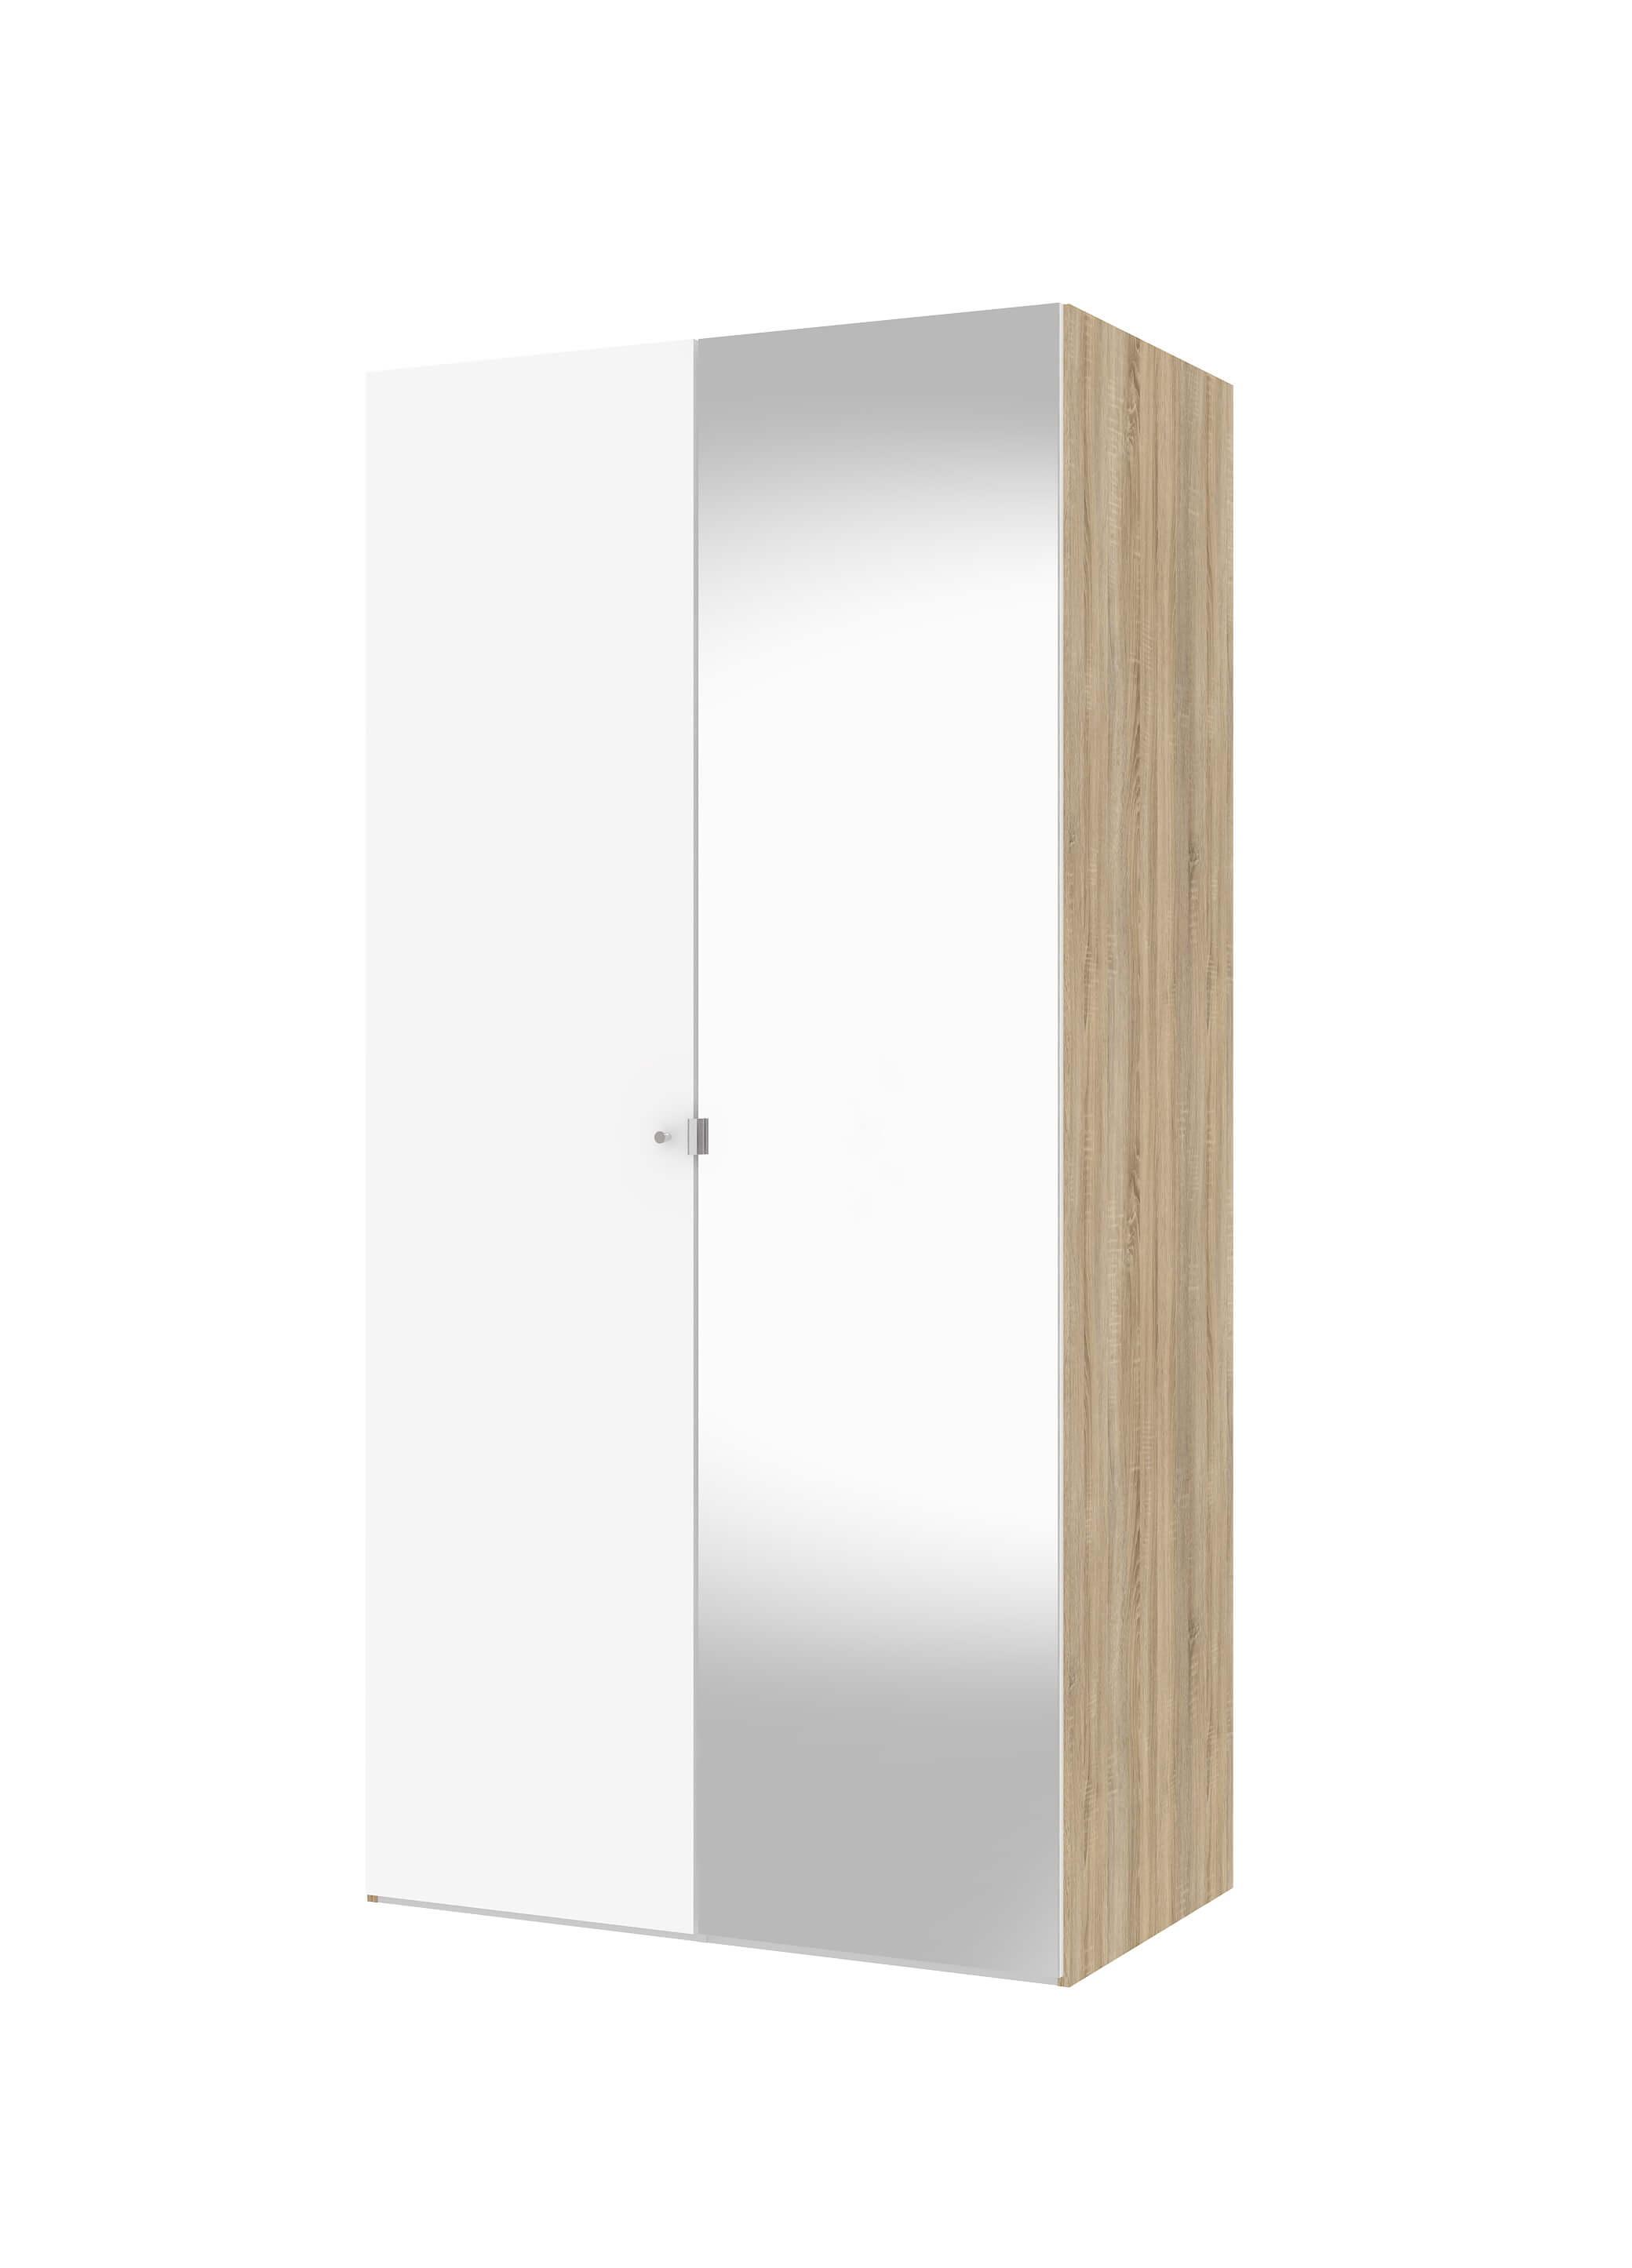 Billede af Save garderobeskab (100 cm) i eg struktur/hvid med spejl